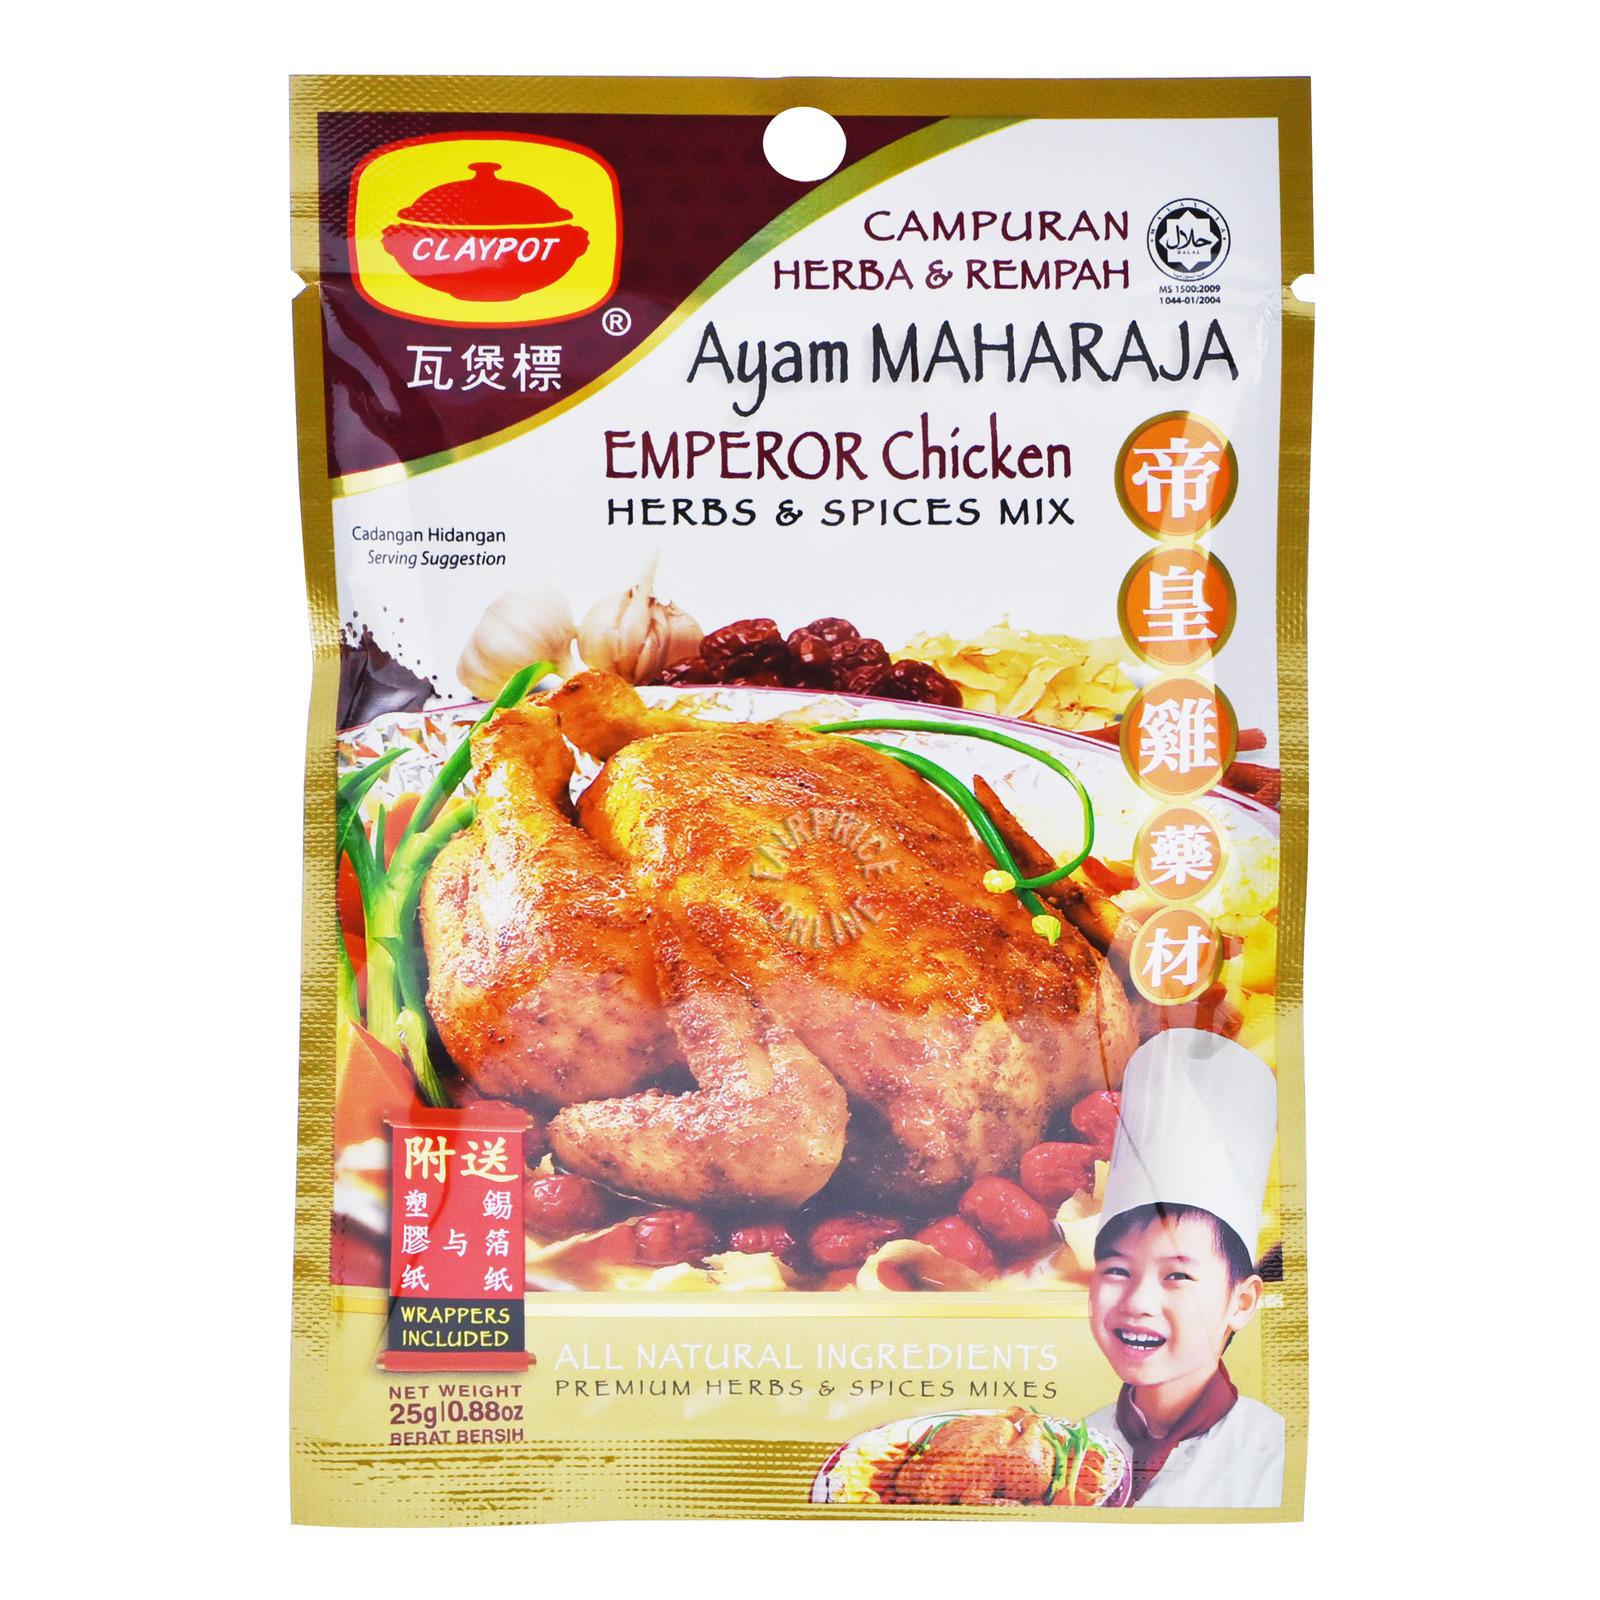 CLAYPOT Emperor Chicken Herbs & Spices Mix 25g